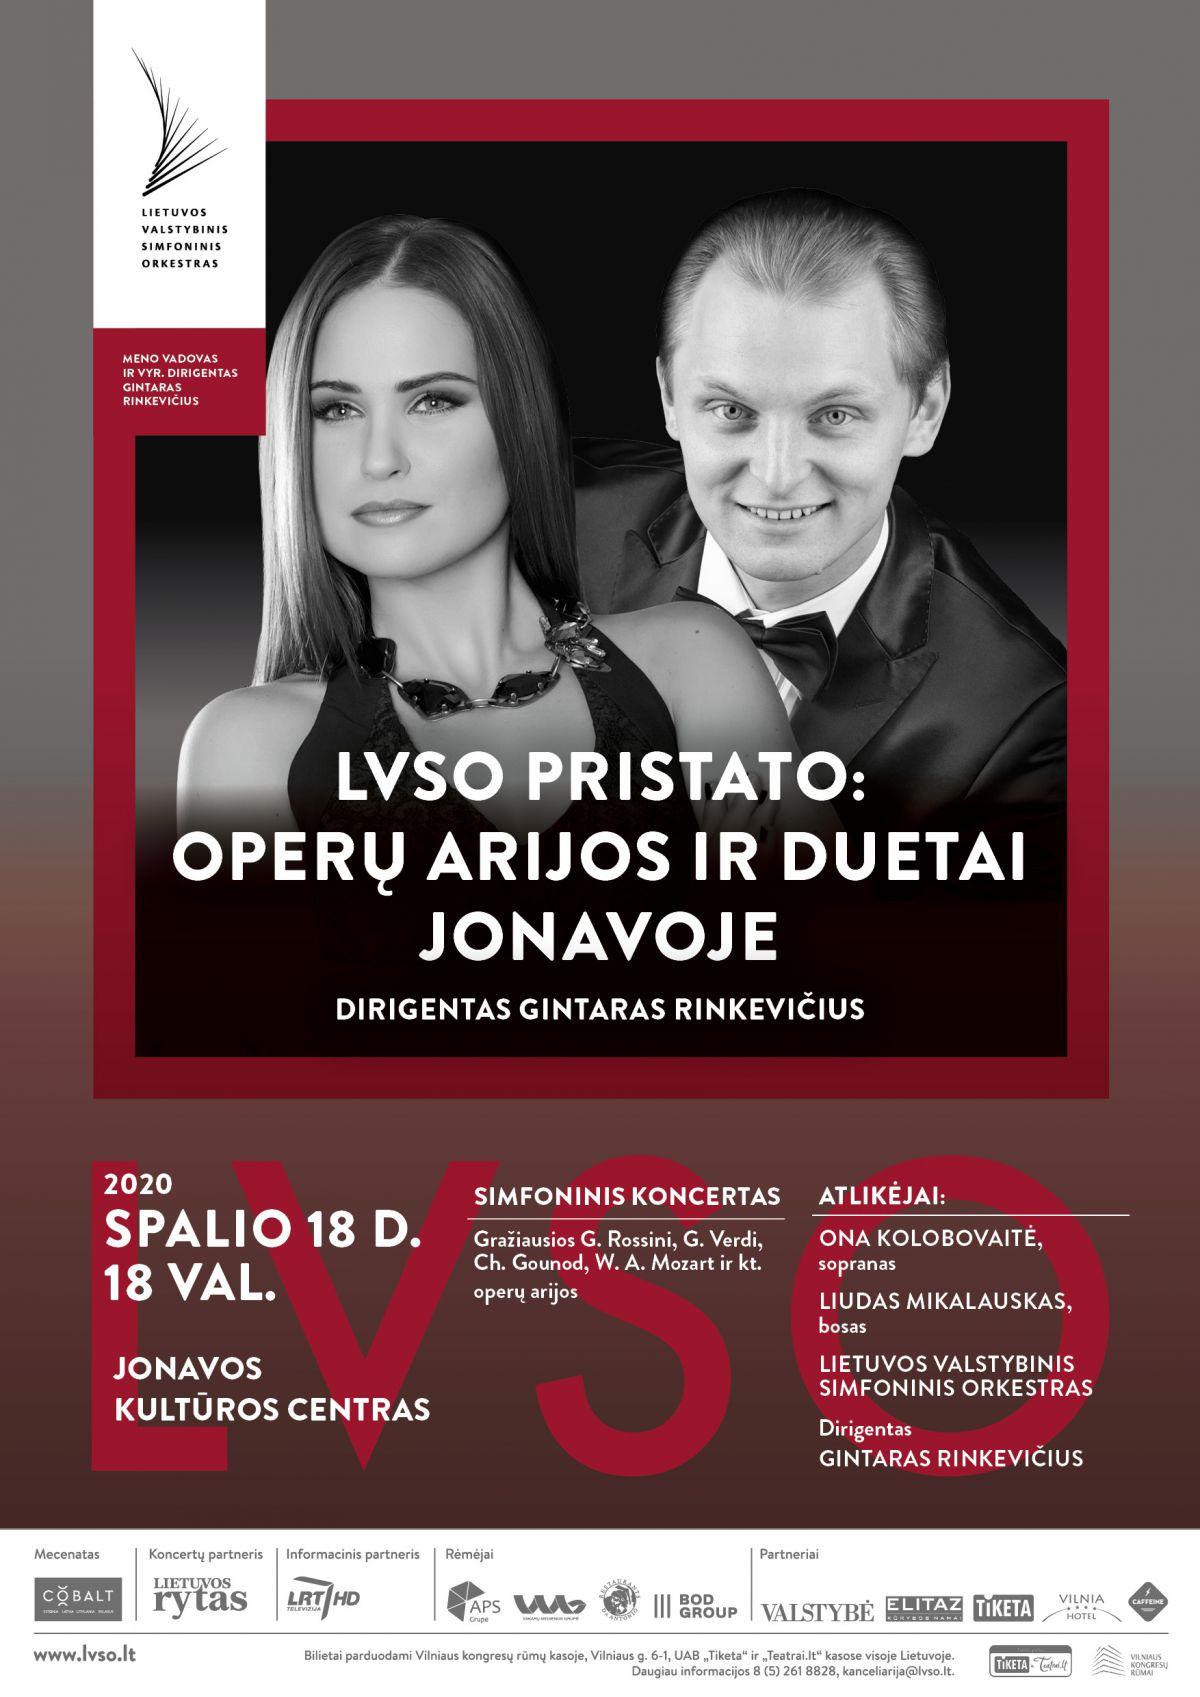 """Simfoninis koncertas """"LVSO PRISTATO: OPERŲ ARIJOS IR DUETAI JONAVOJE"""""""